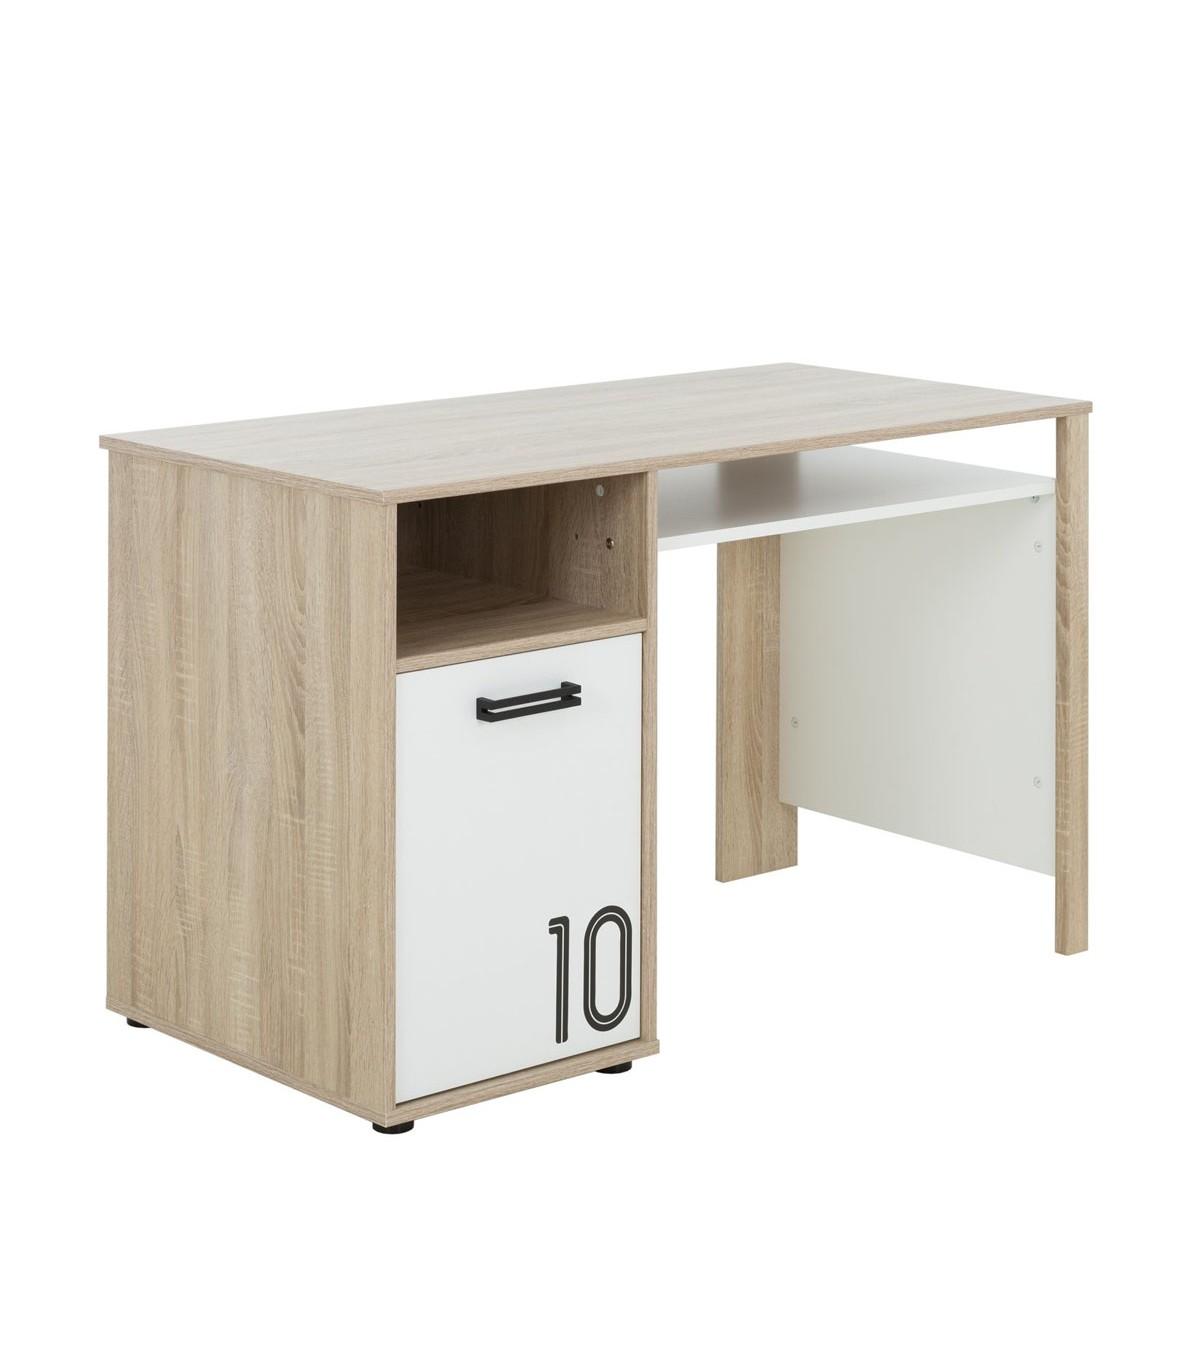 Bureau avec 1 porte et rangements L120cm - Marron clair et blanc